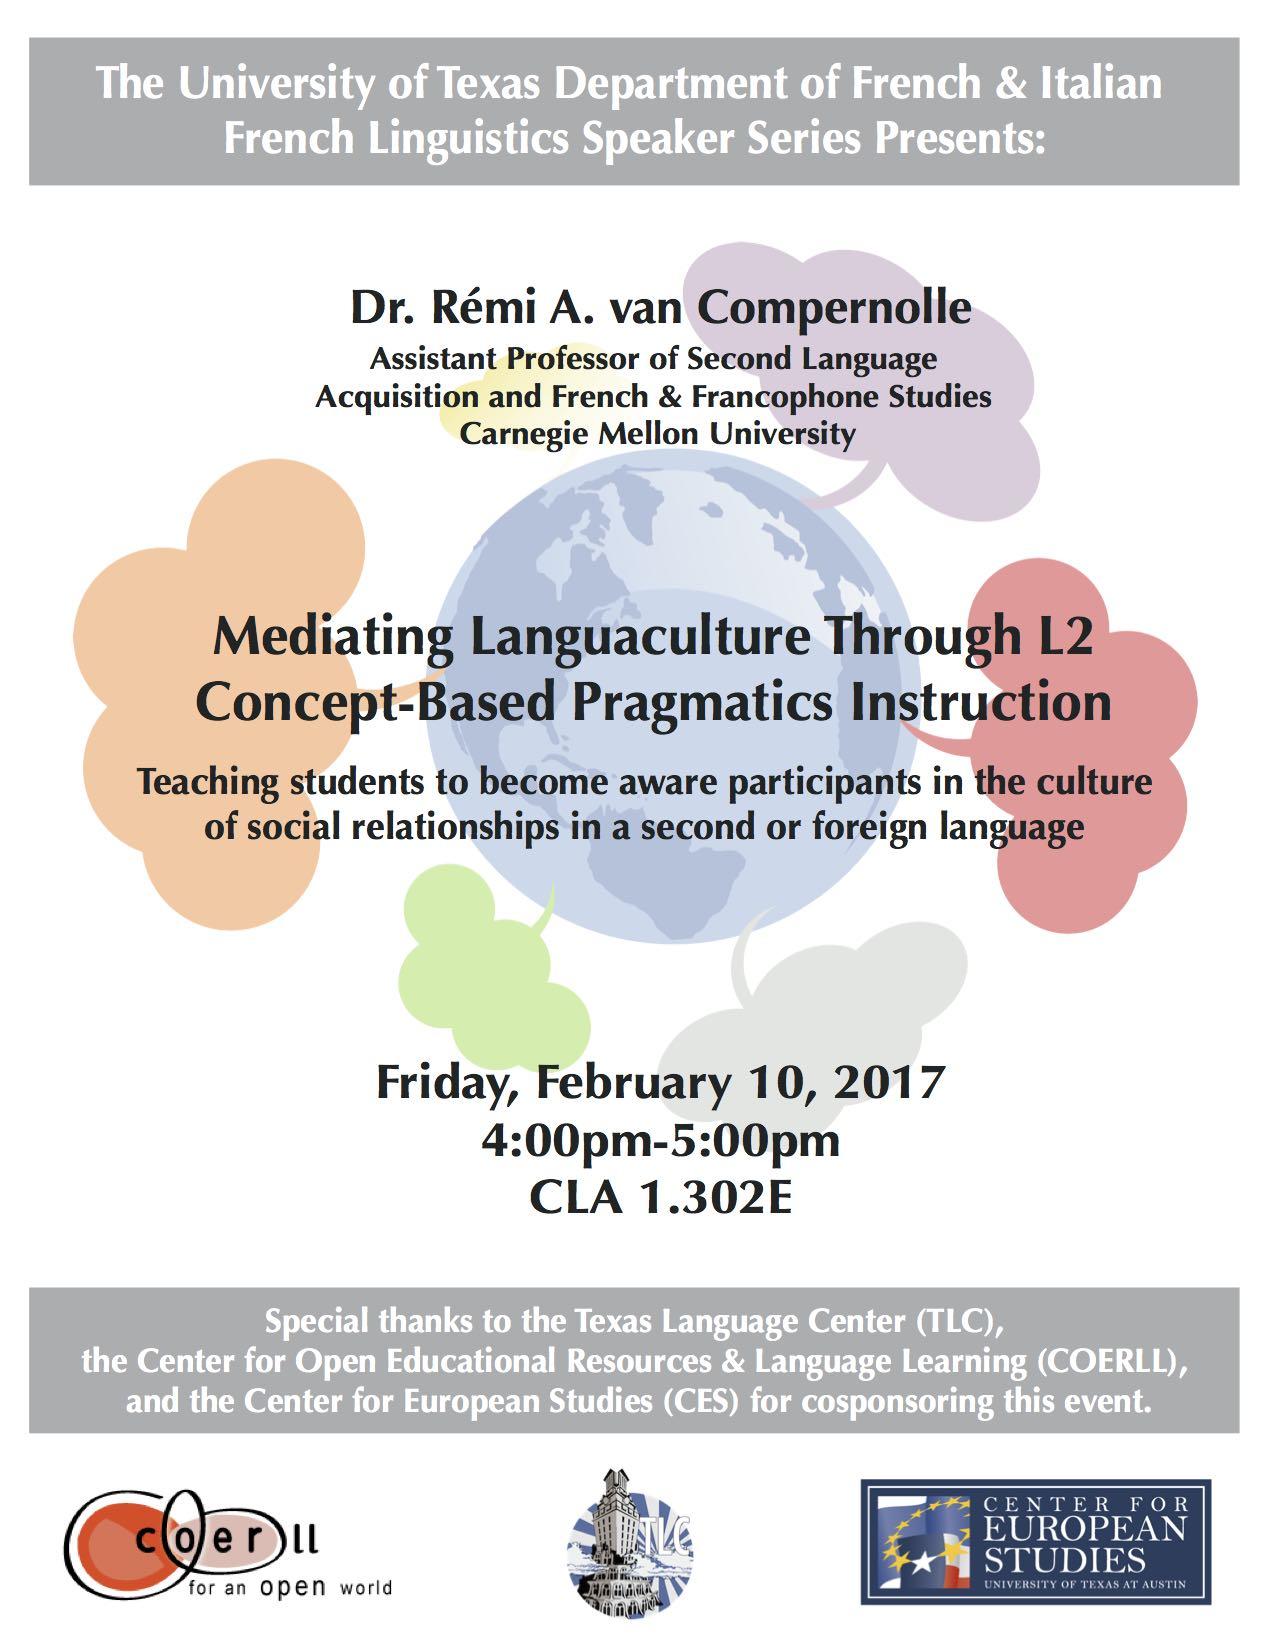 Dr. van Compernolle speaks on concept-based language instruction